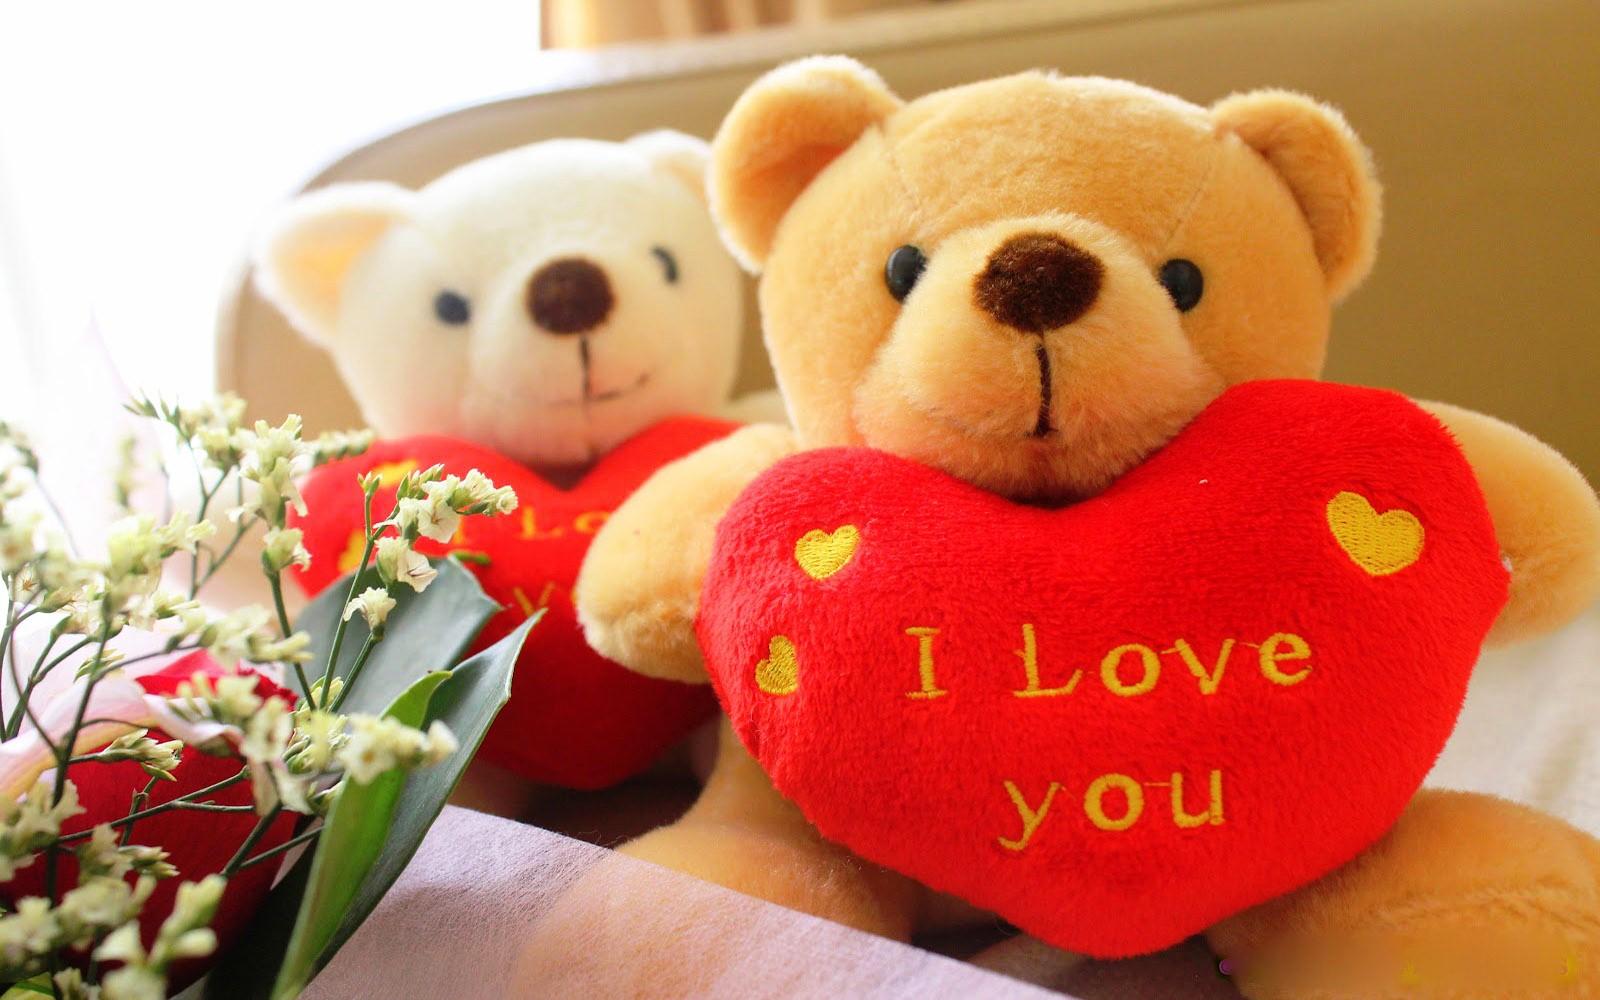 cute plush teddy bear wallpapers hd hd desktop wallpapers 1600x1000